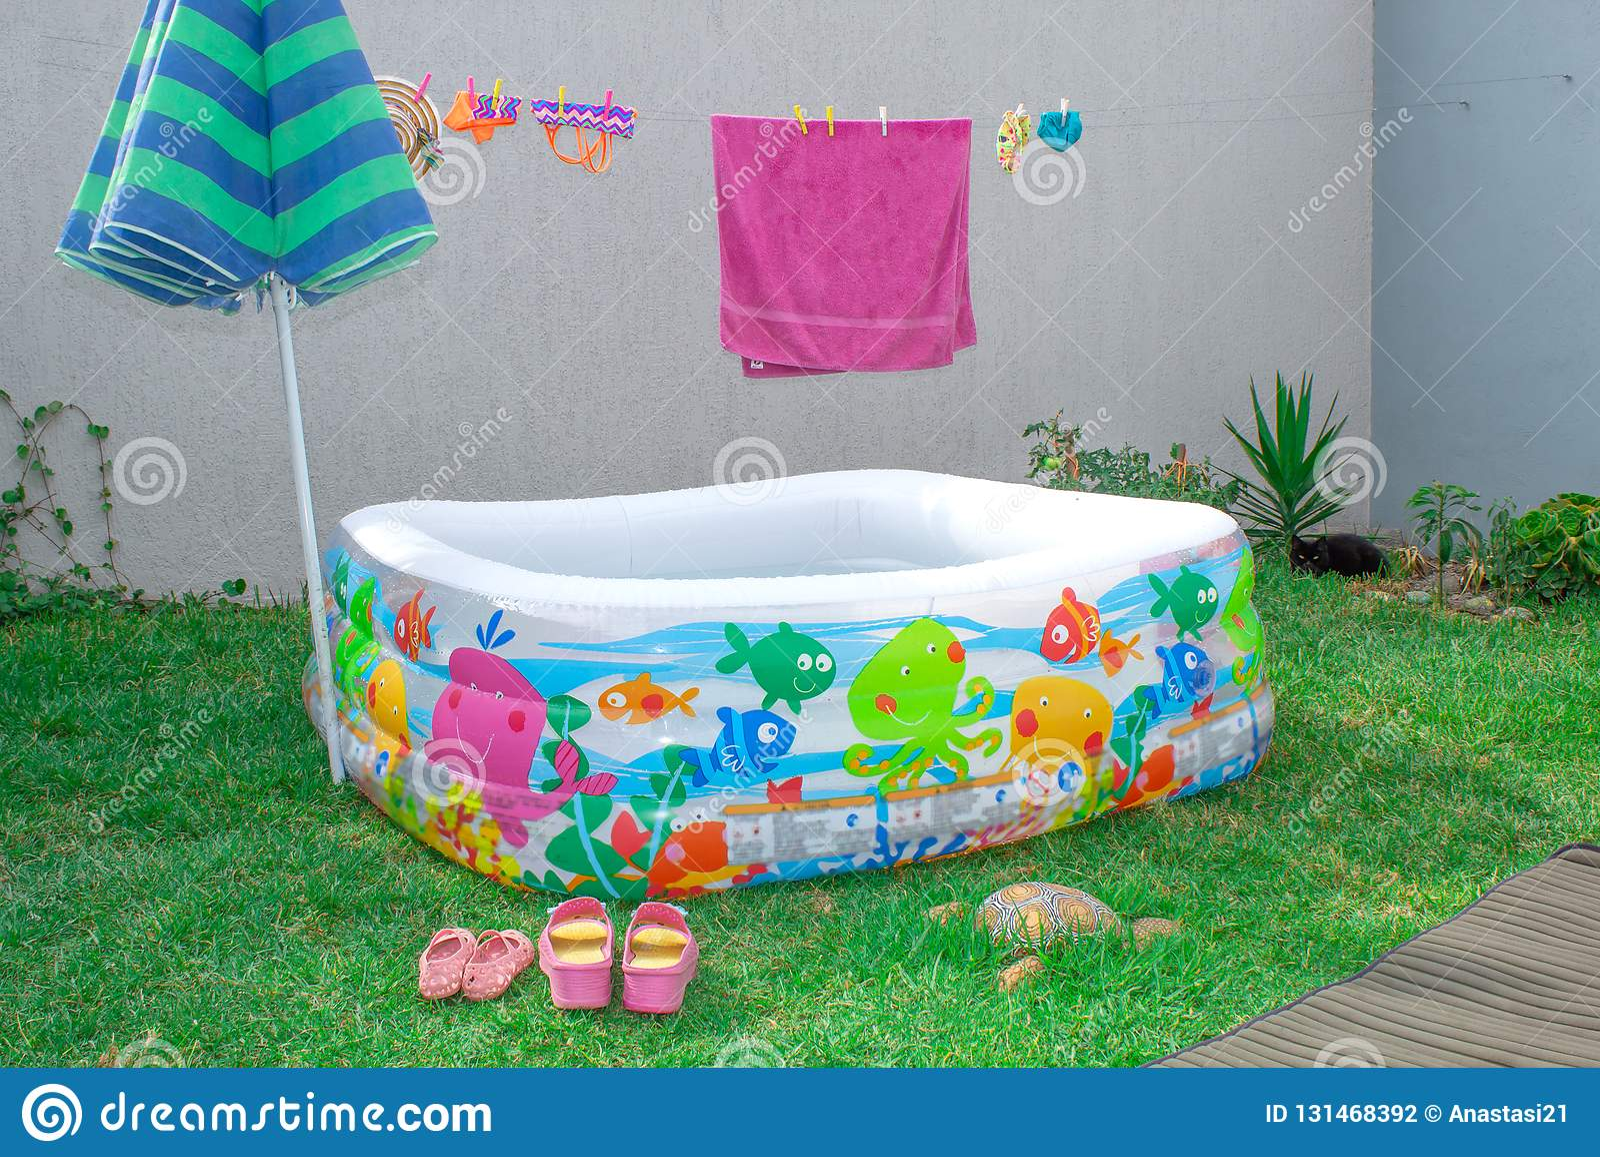 Раздувной бассейн в саде, с зонтиком